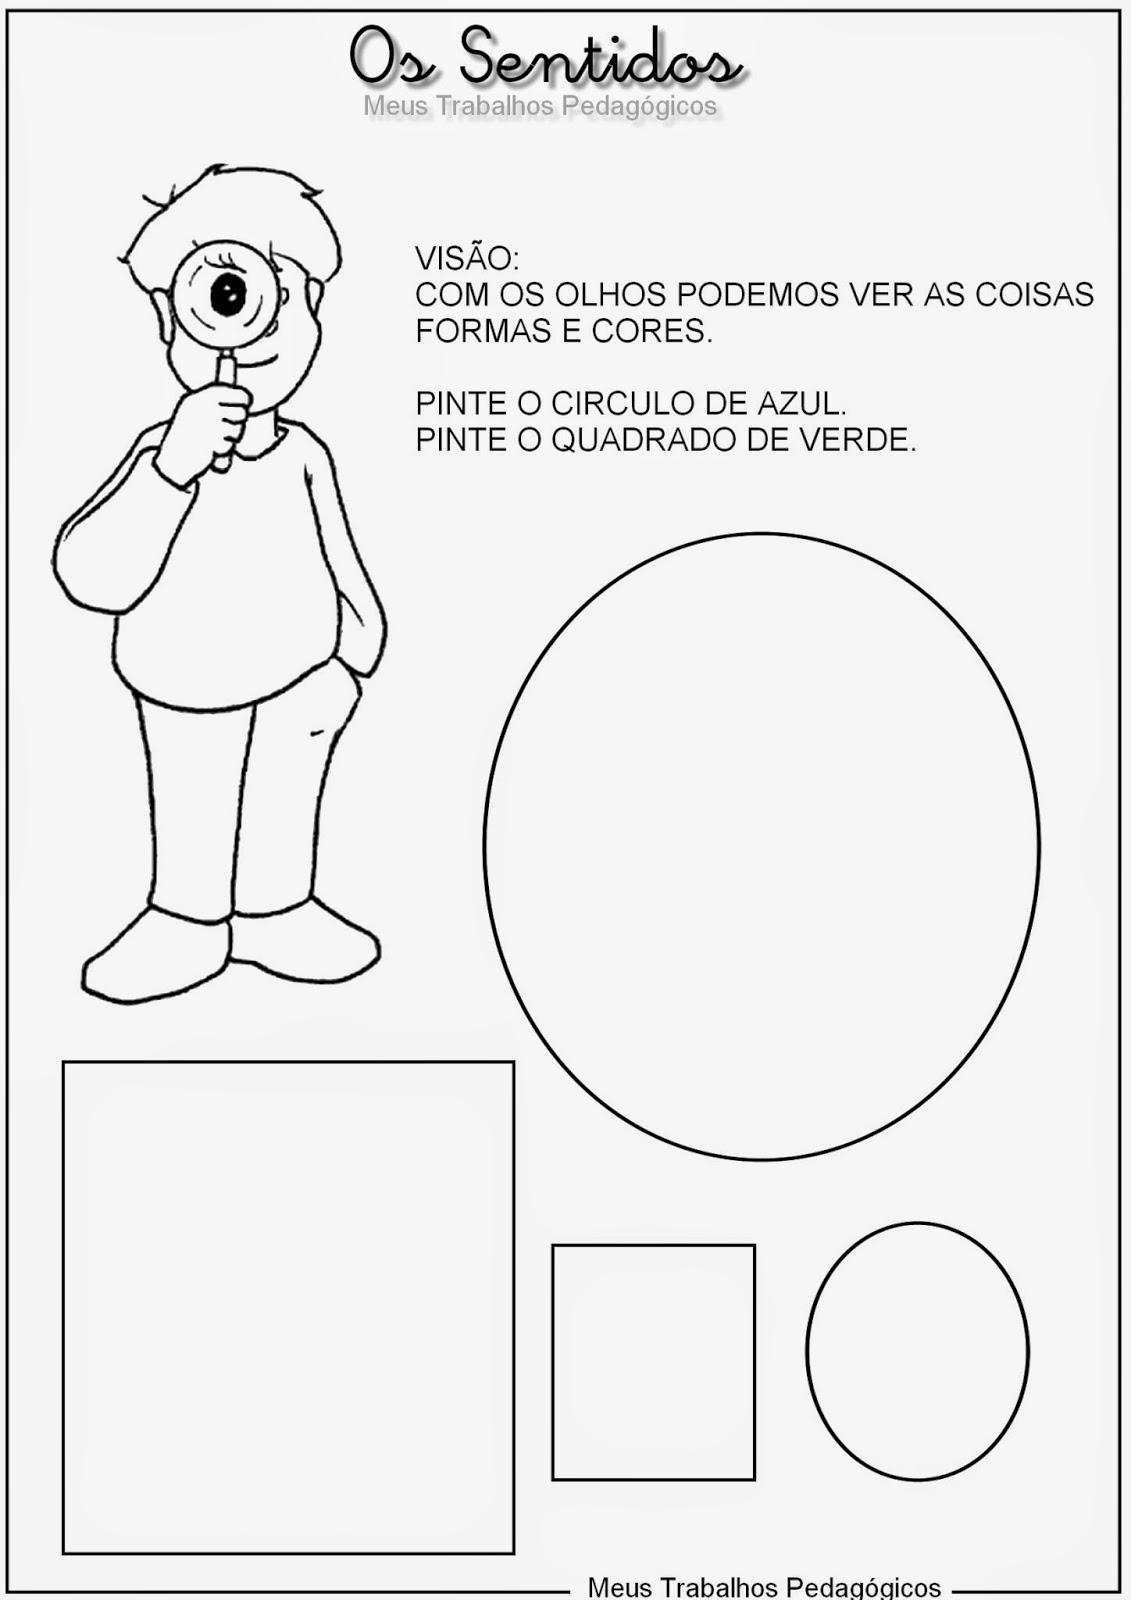 Excepcional Atividade sobre os 5 sentidos - Imprimir - Mundinho da Criança HH88